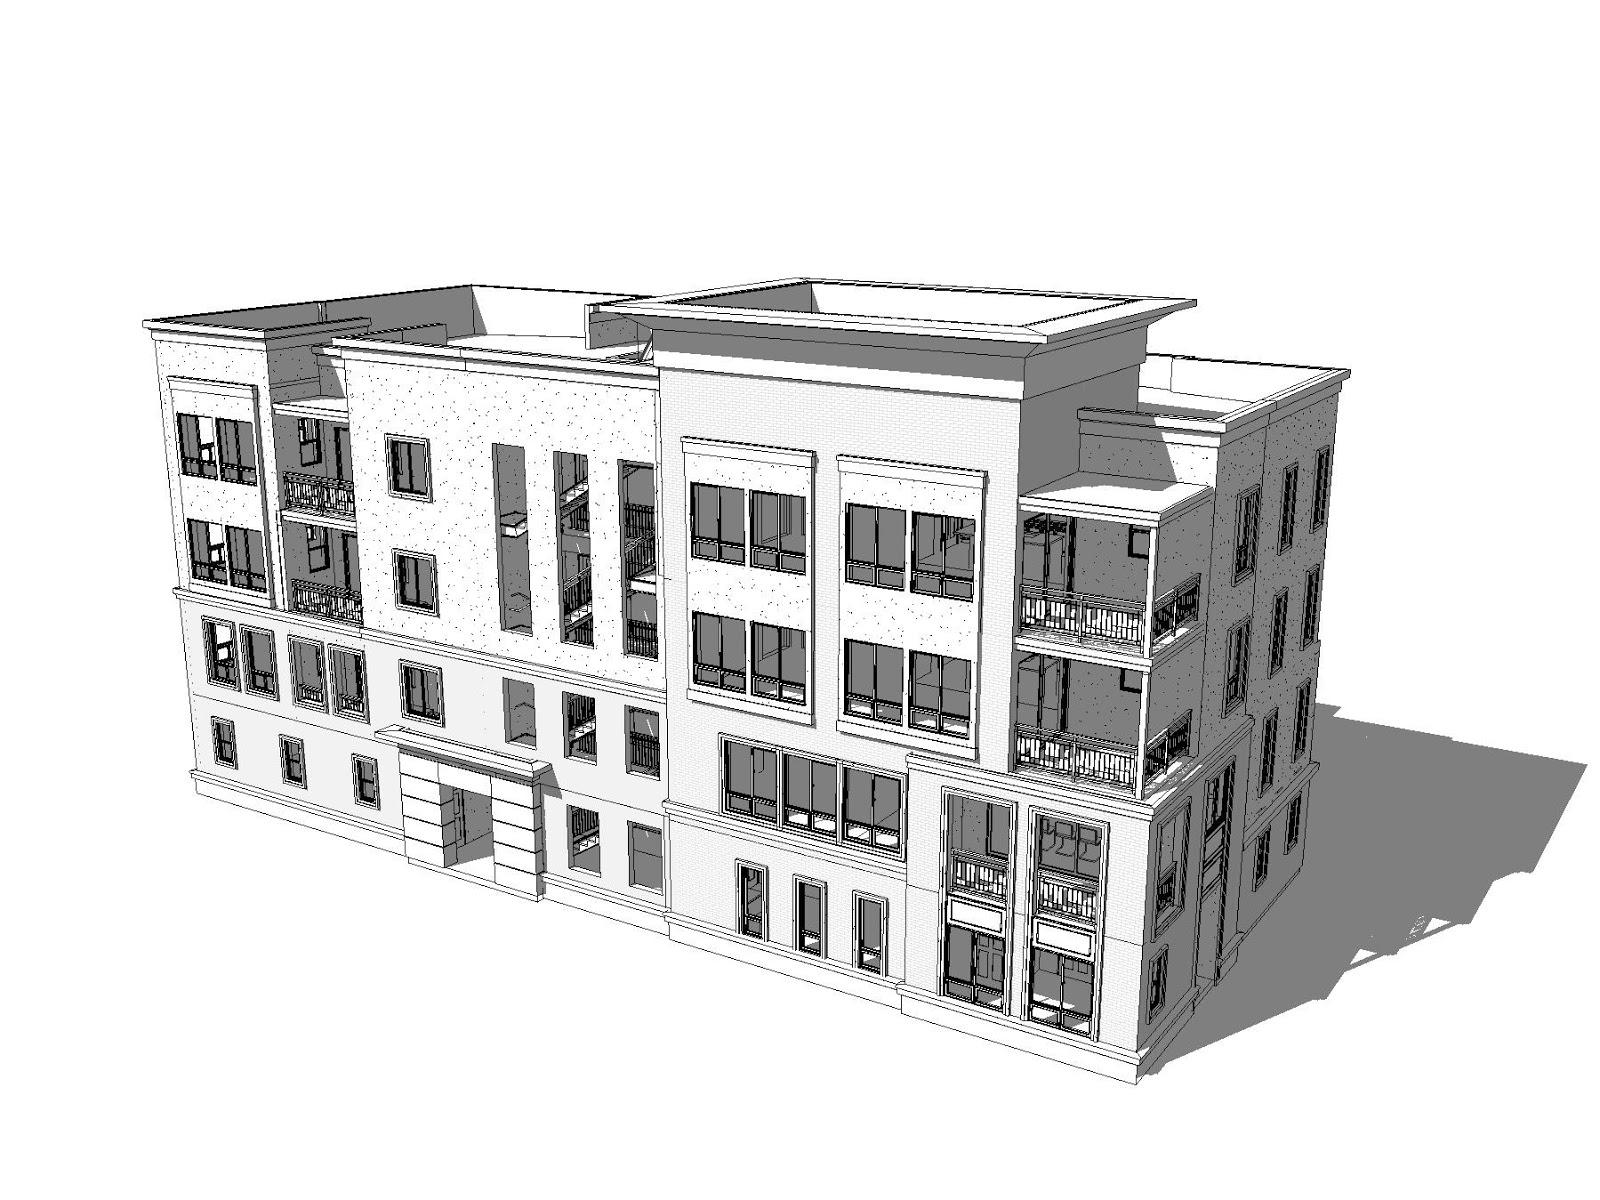 Bim aficionado kmn for Architecture firms that use revit